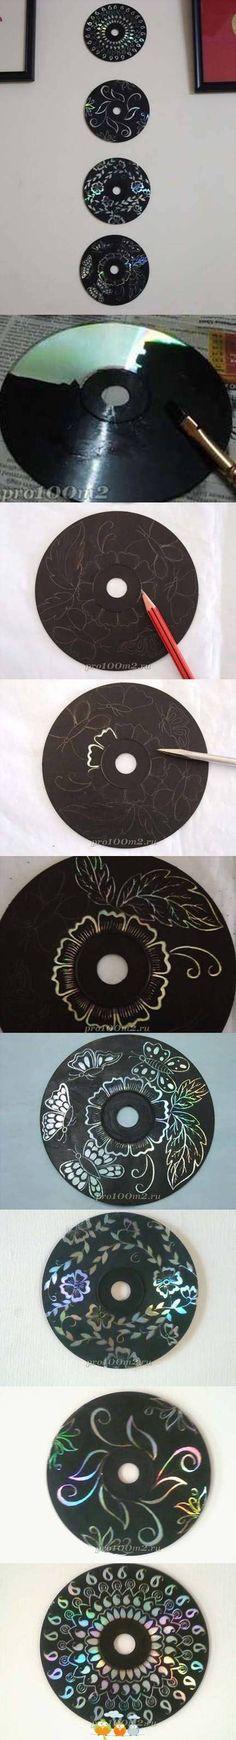 CDs pintados a los que después se les raspa parte de la pintura para lograr bonitos diseños.